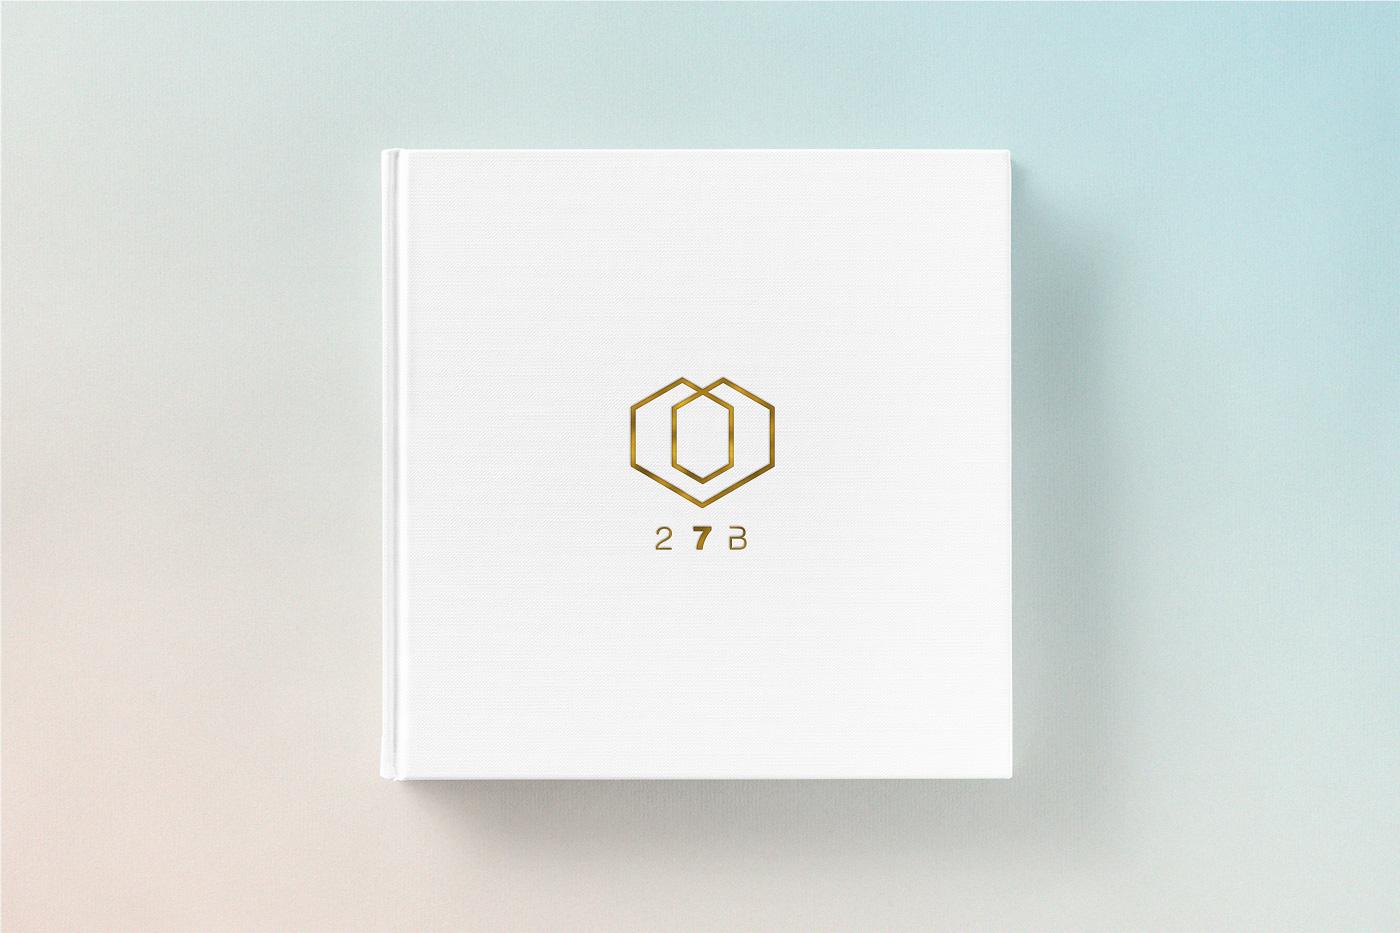 Diseño grafico Albacete, imprenta Albacete y branding, diseño catalogo book 27 bodas